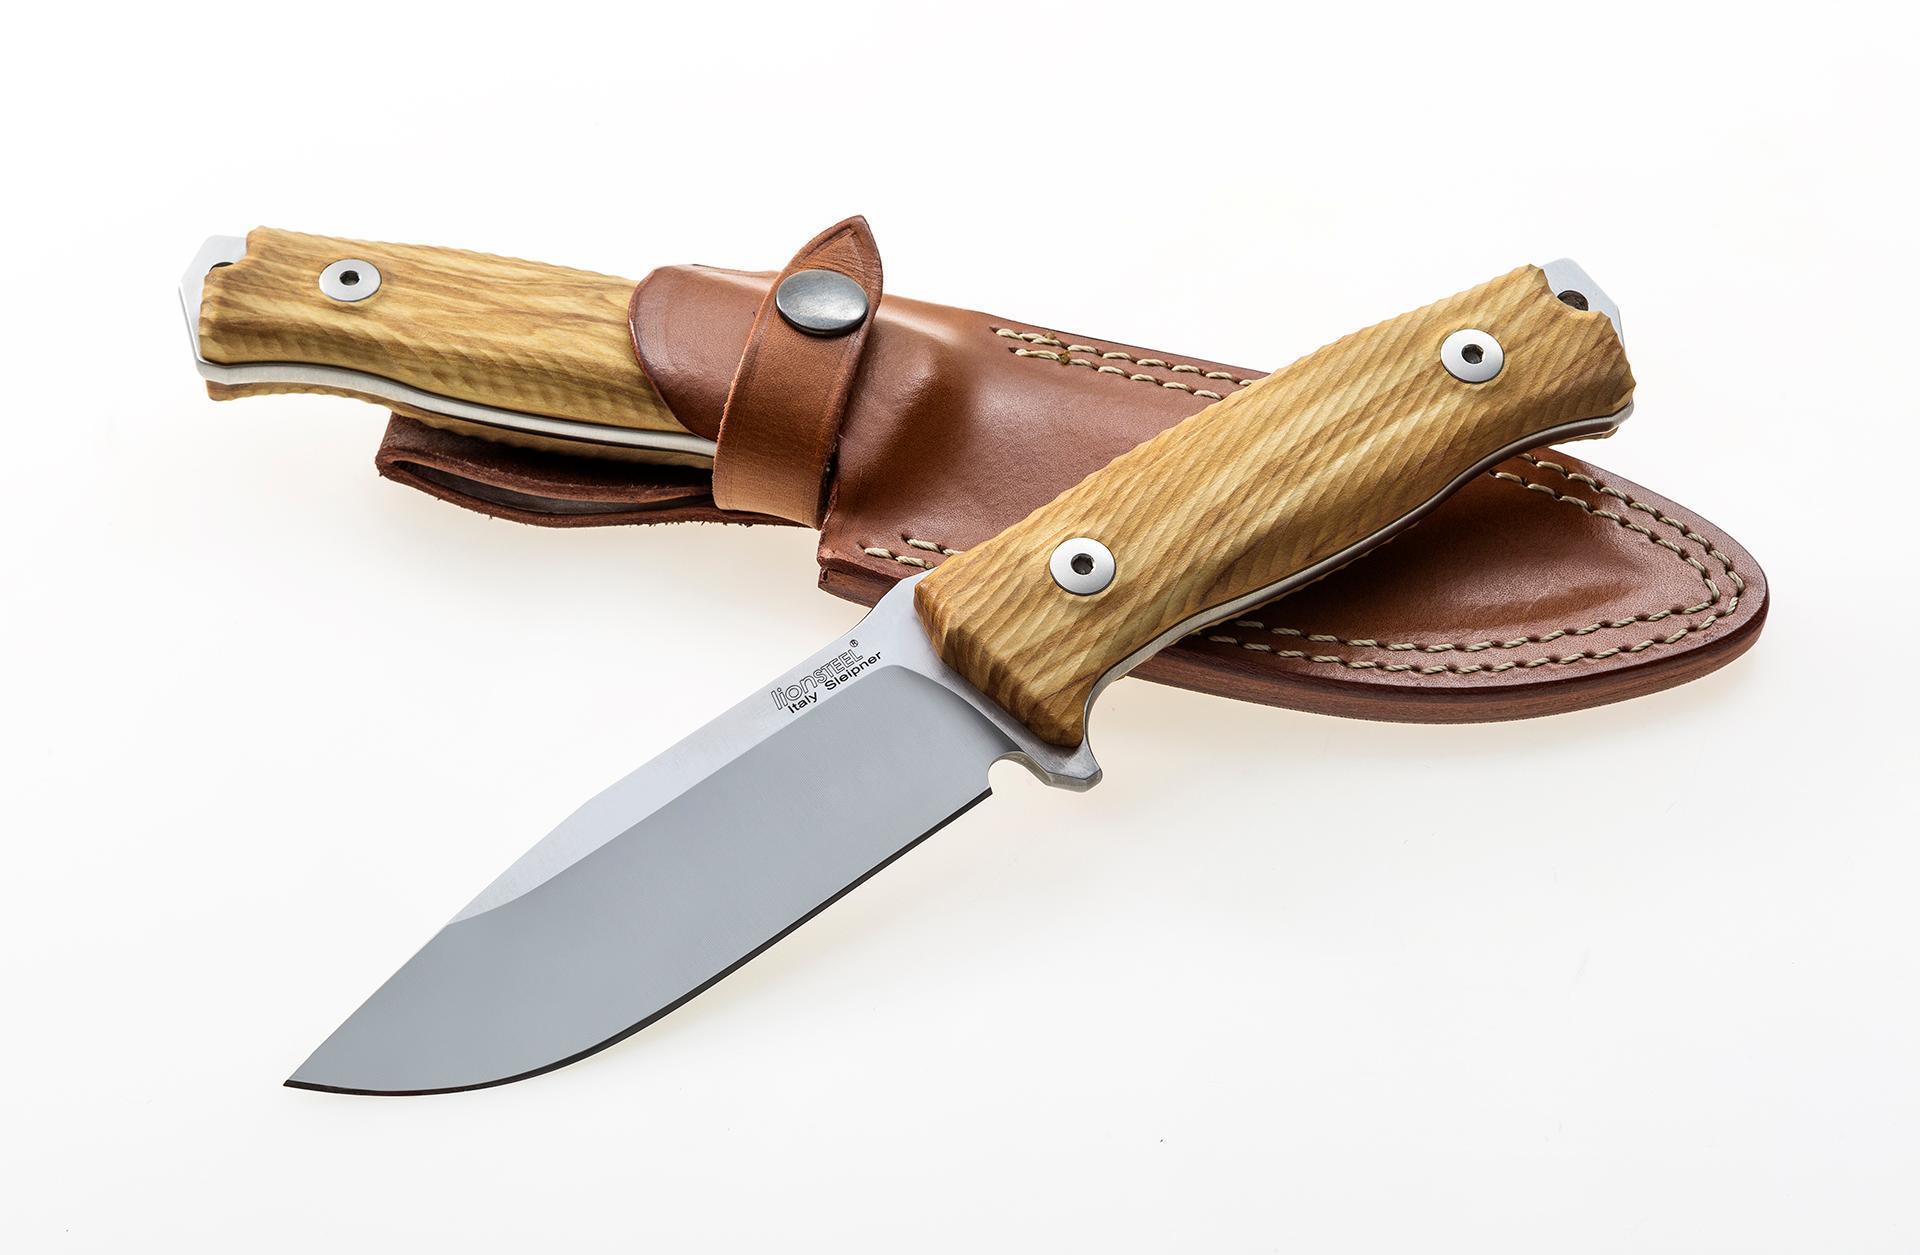 Фото 4 - Нож Lionsteel M5 UL, сталь Sleipner, рукоять оливковое дерево от Lion Steel